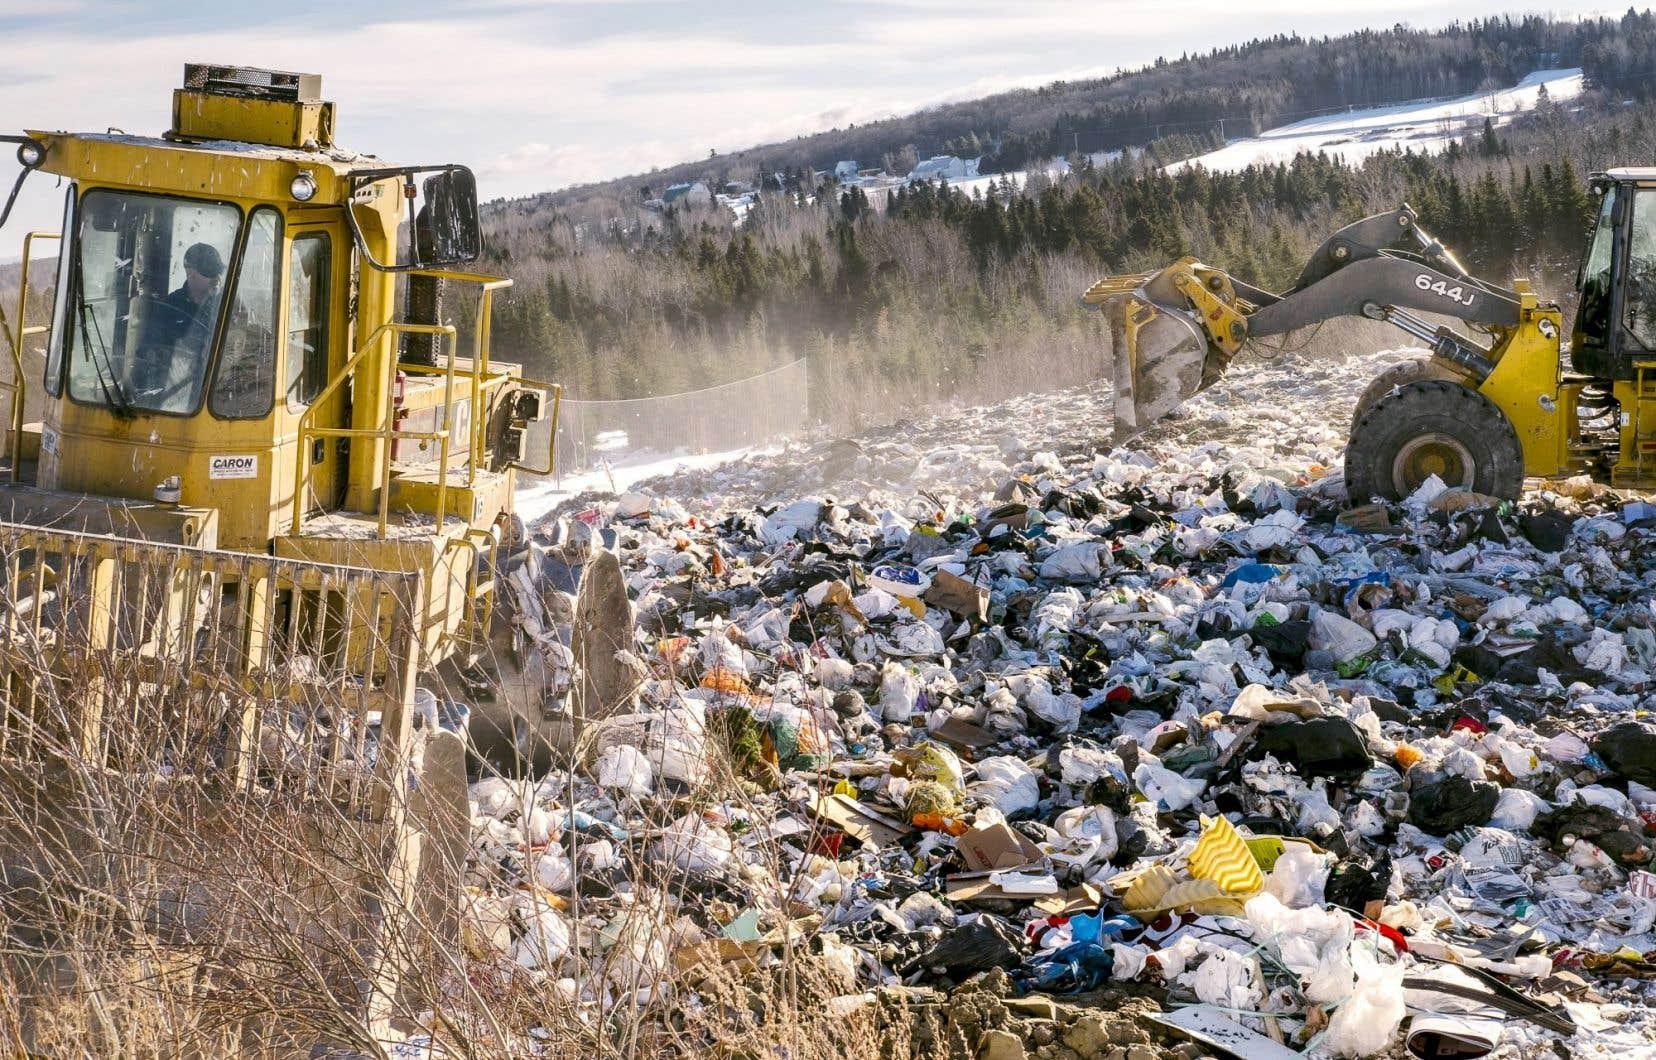 En transférant du mâchefer de l'incinérateur à Armagh, la Ville de Québec pourrait limiter les quantités qu'elle envoie à son propre site d'enfouissement à Saint-Joachim.